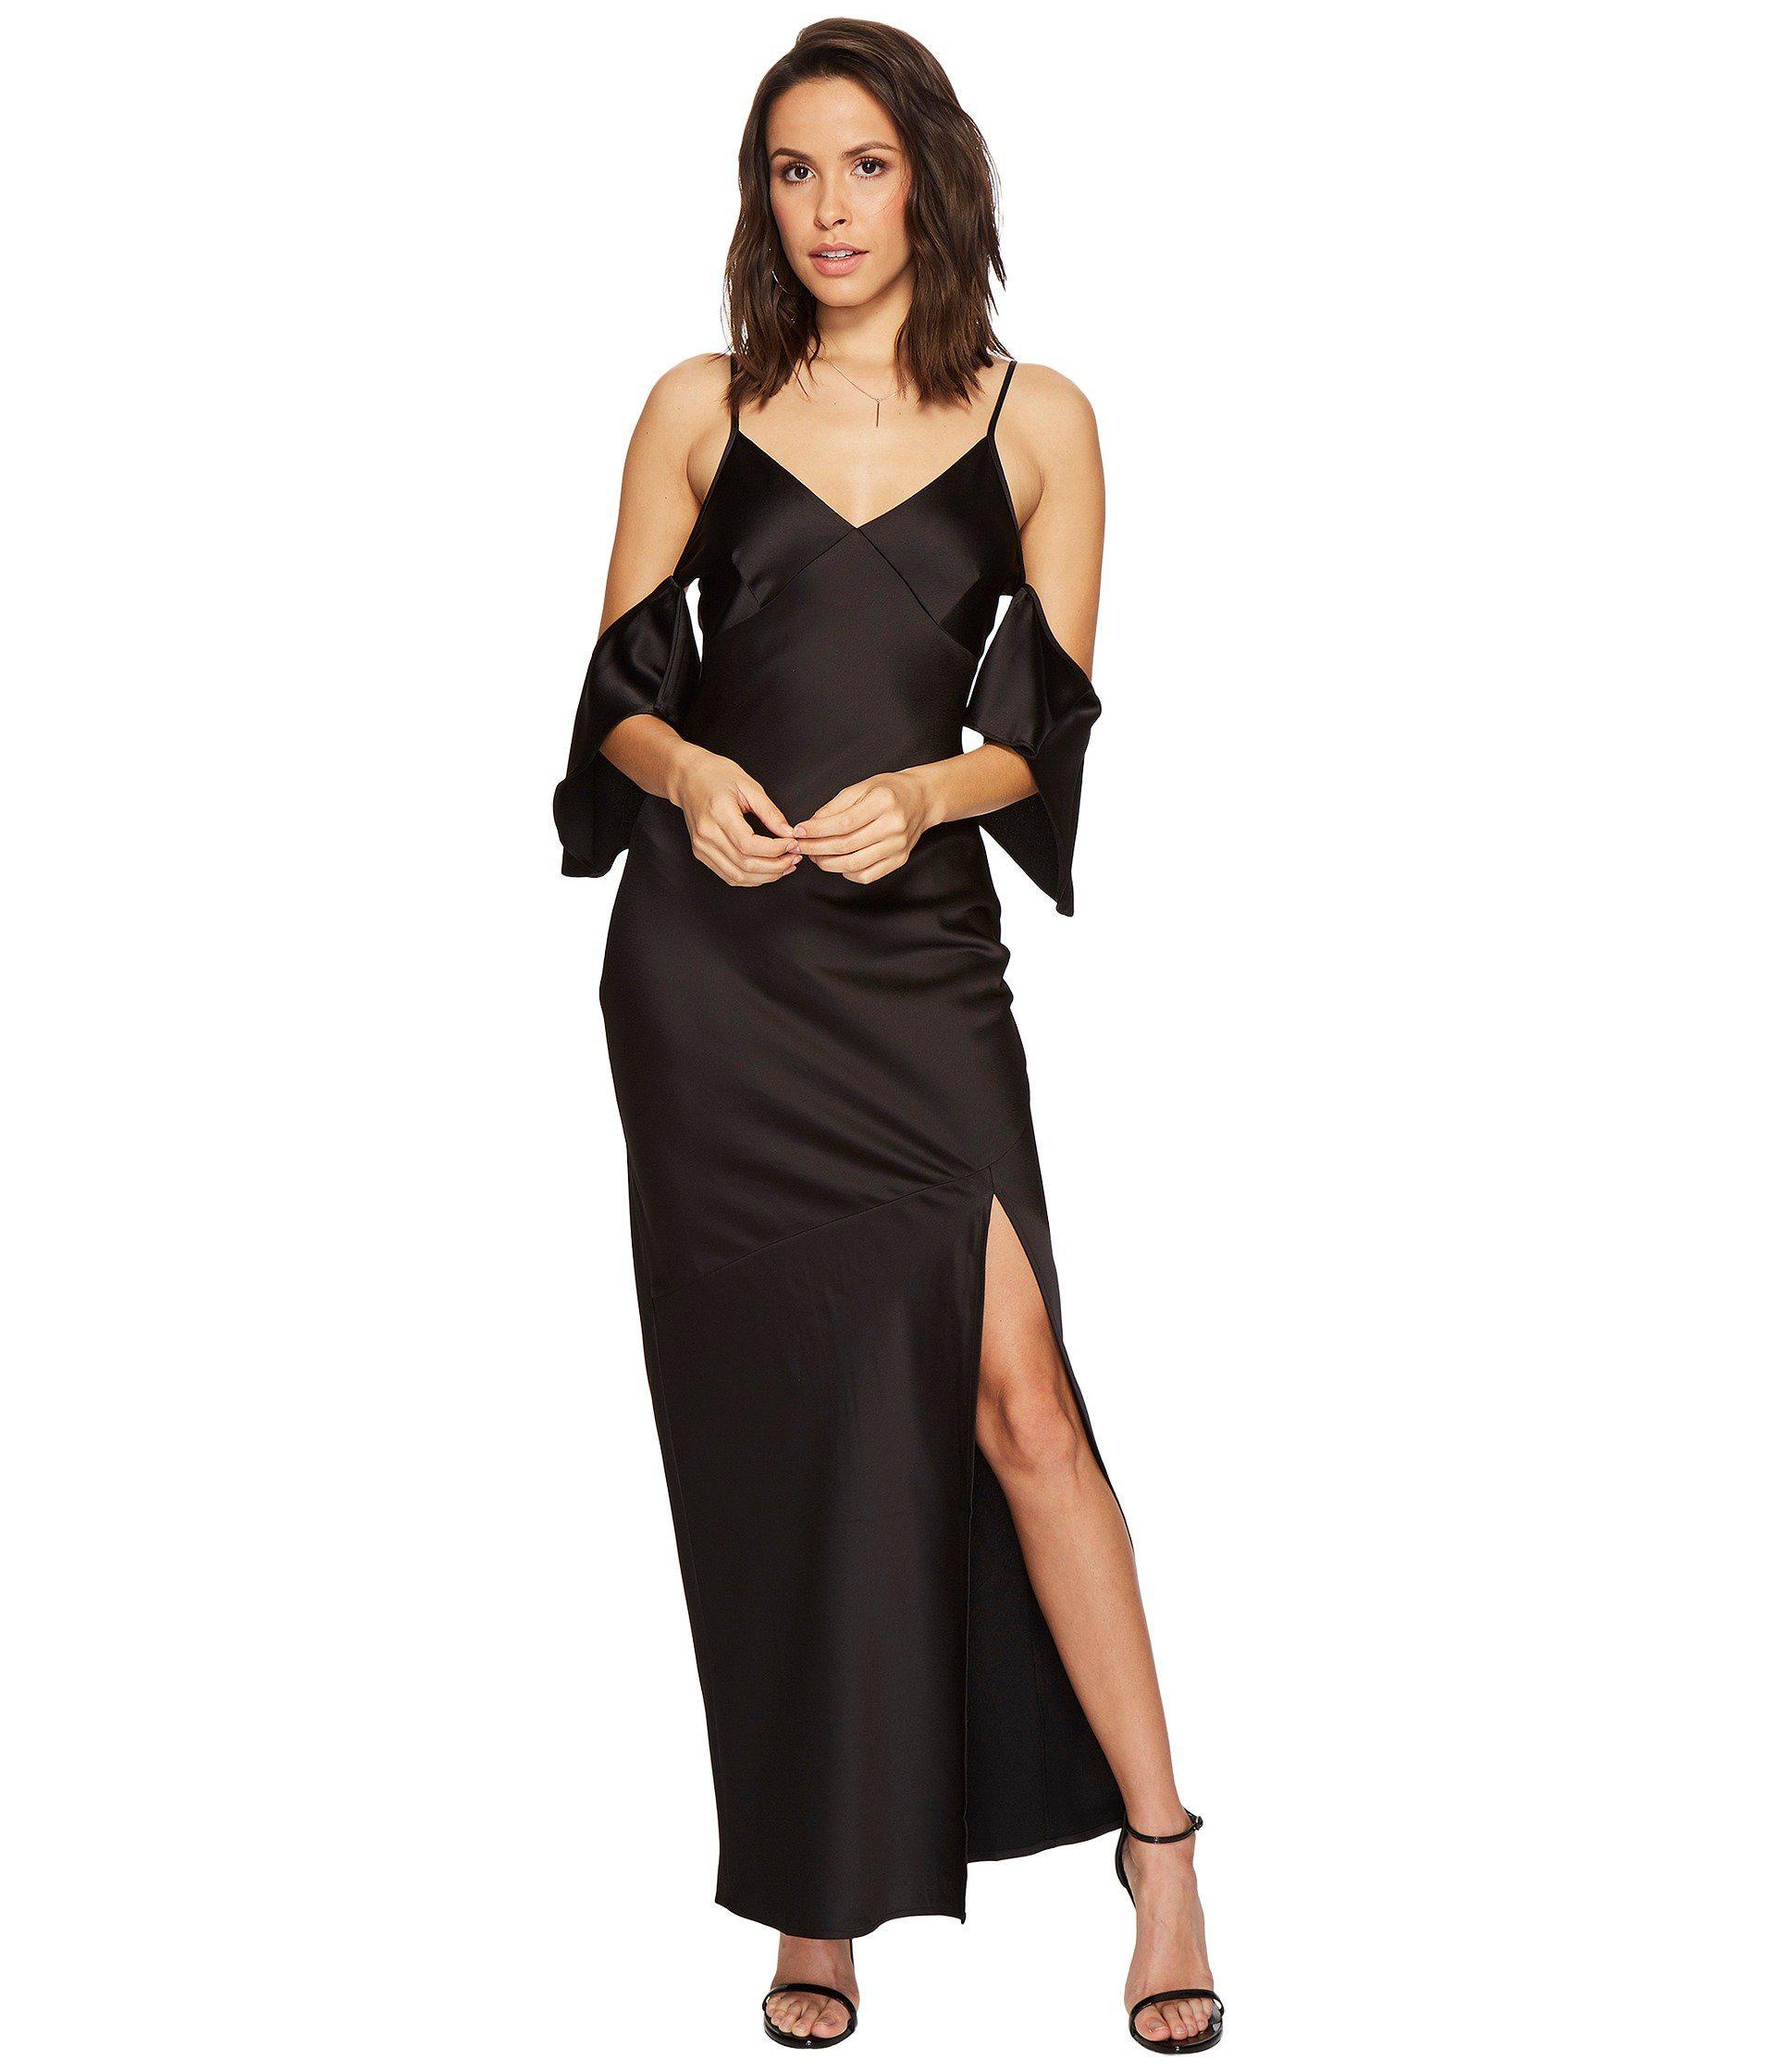 a00f3fa012b Lyst - Astr Kendra Dress in Black